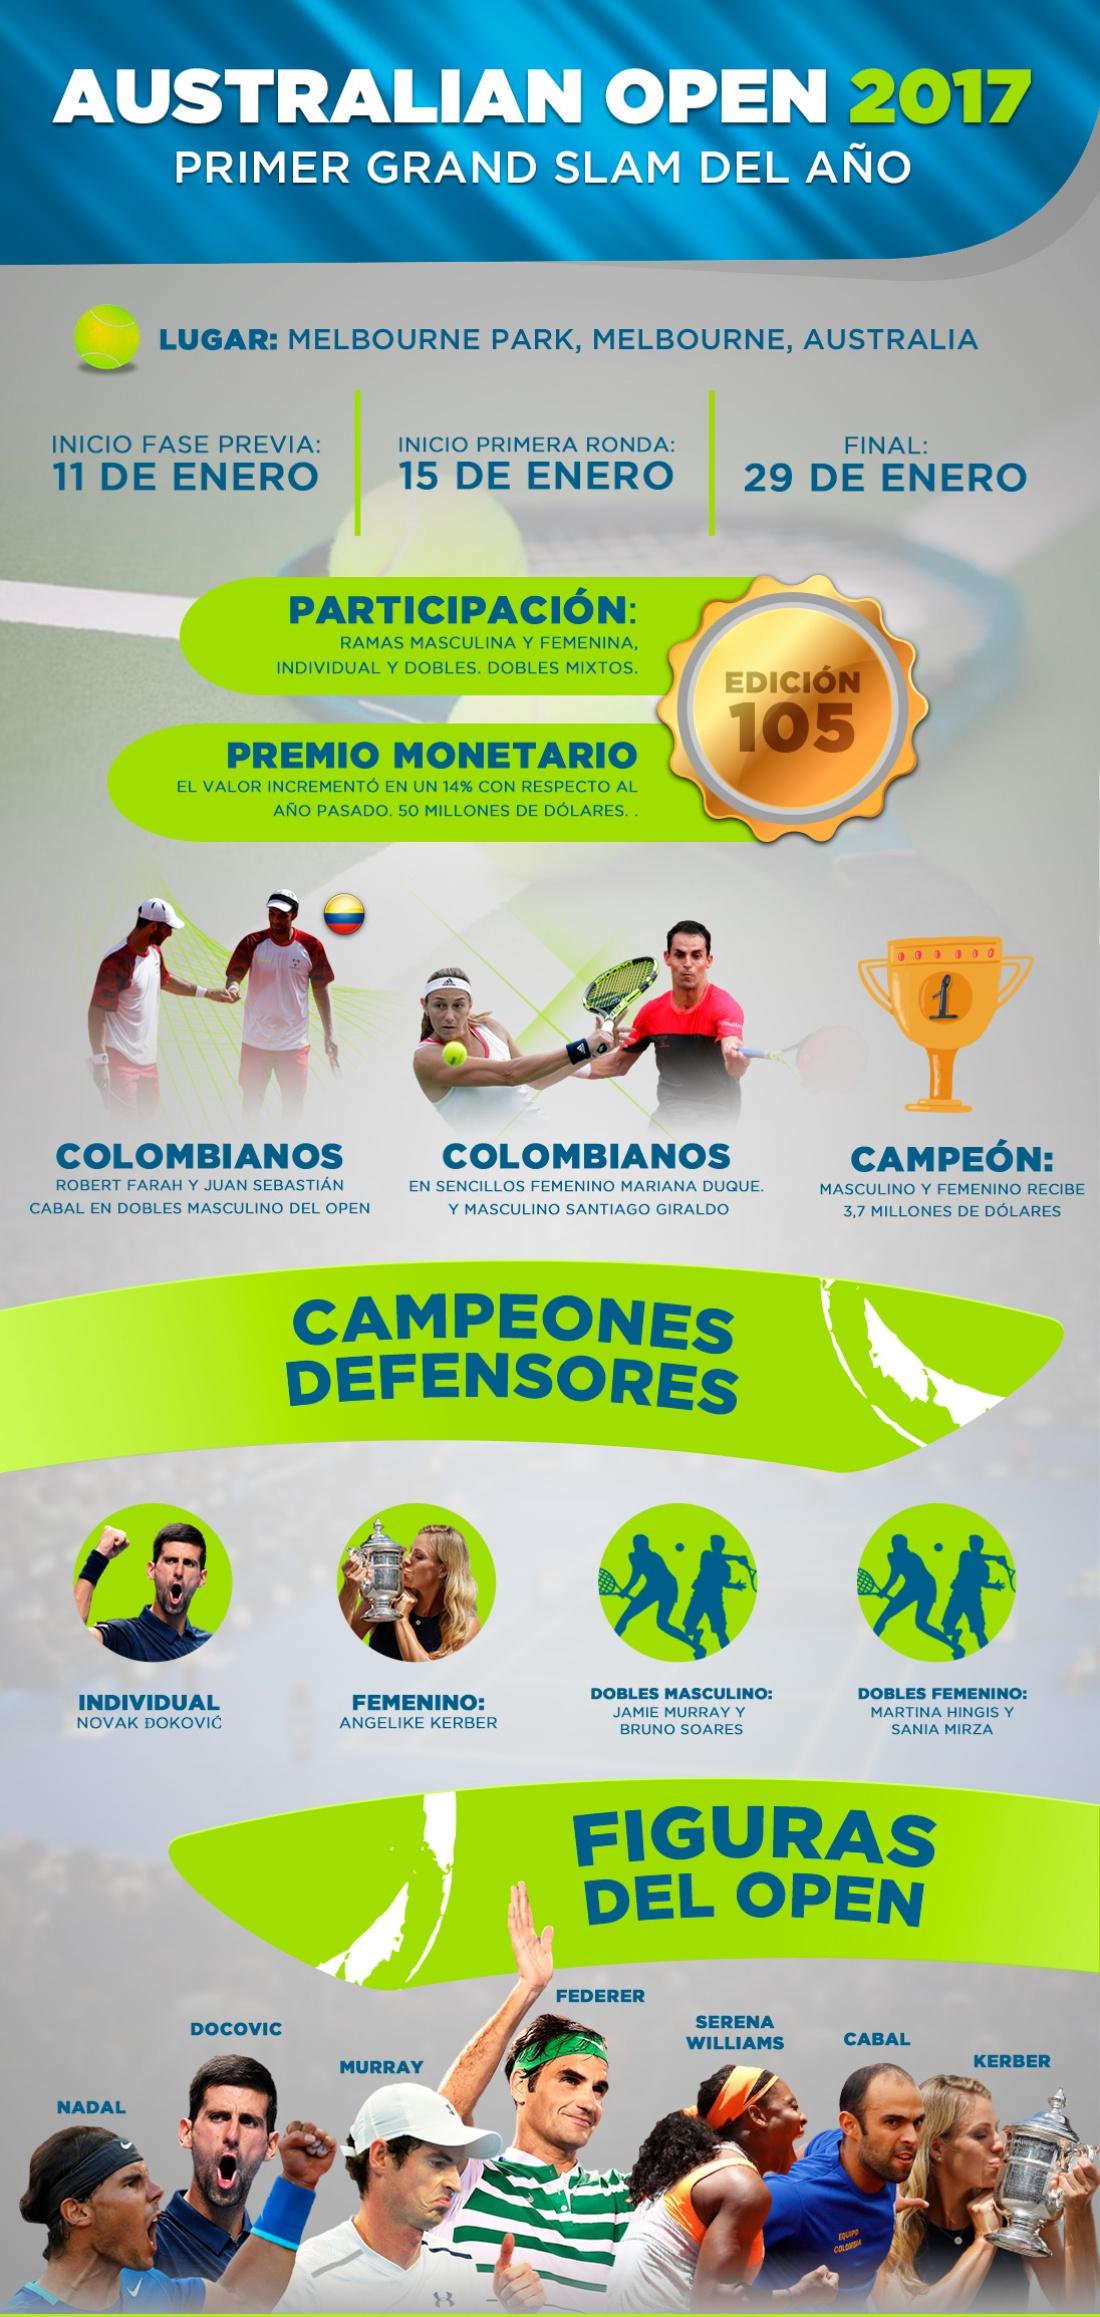 Australian Open 2017: Colombia presente en el Australian Open